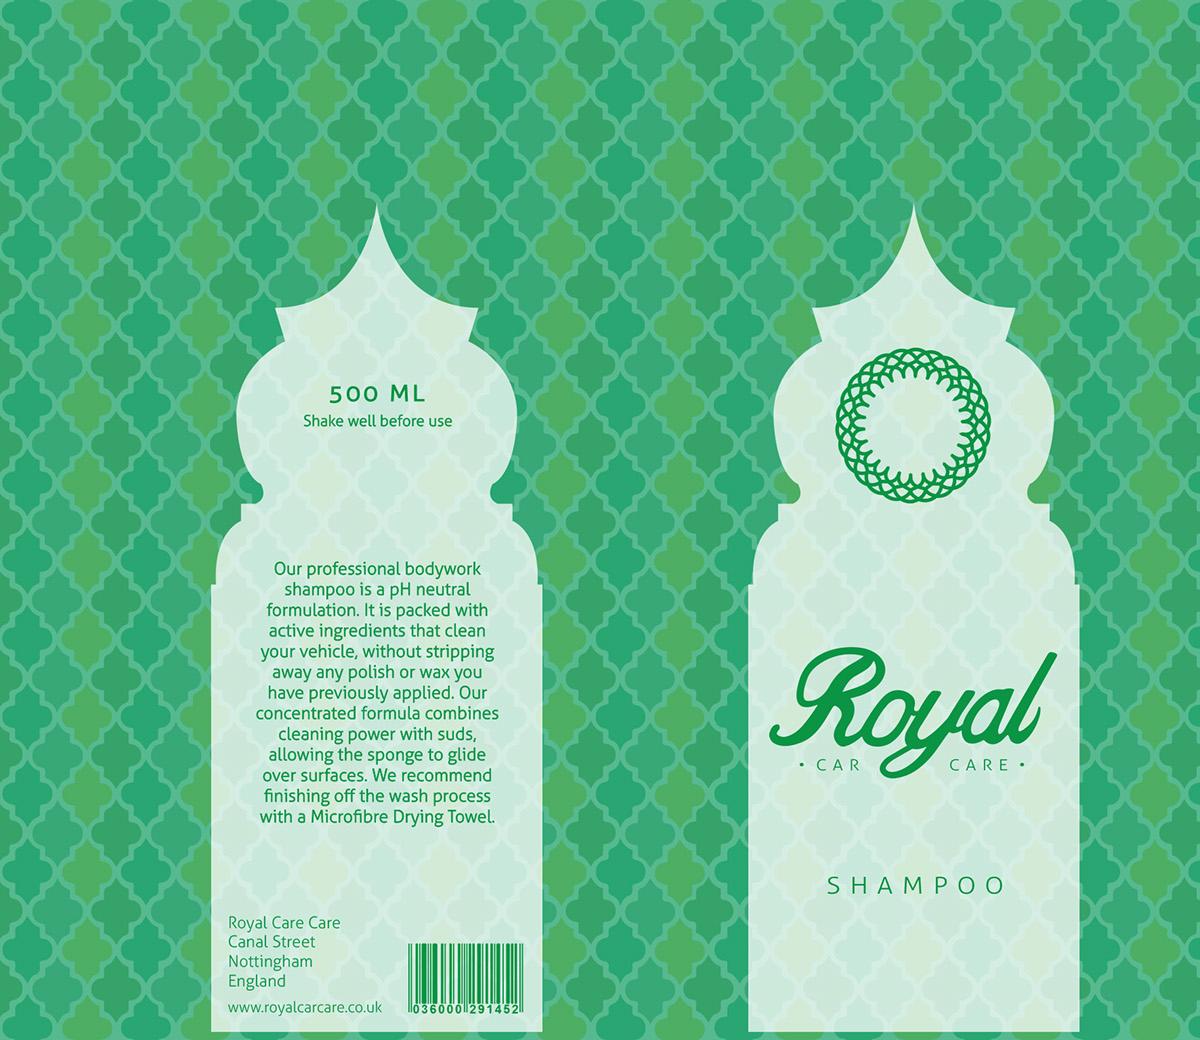 Royal Car Care (Branding & Packaging) On Behance